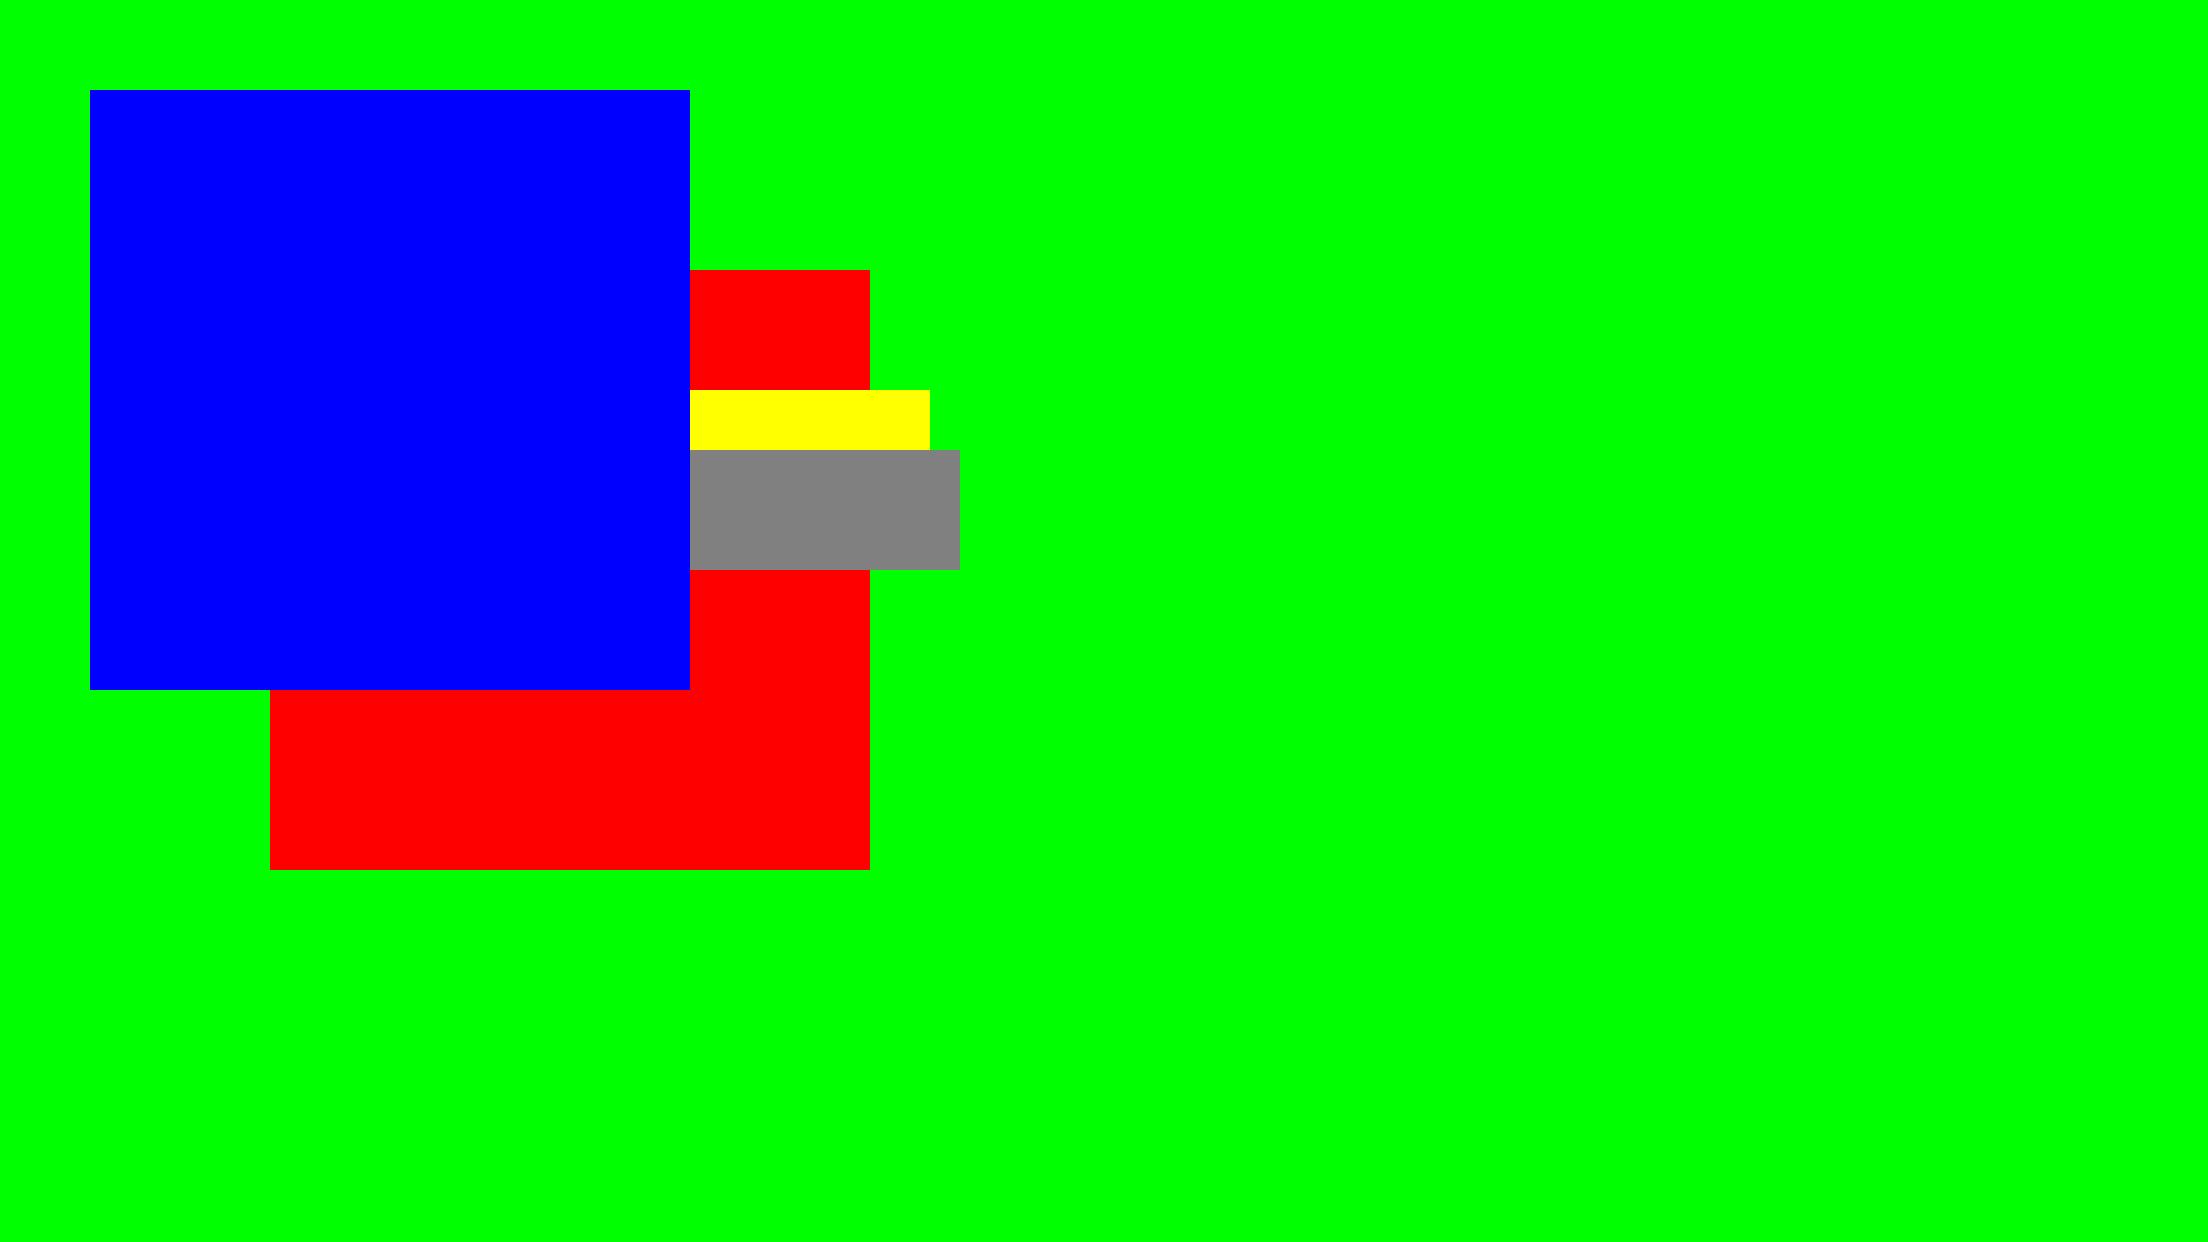 http://www.ict-fractal.com/blog/2014-12-02%2004.57.22.png